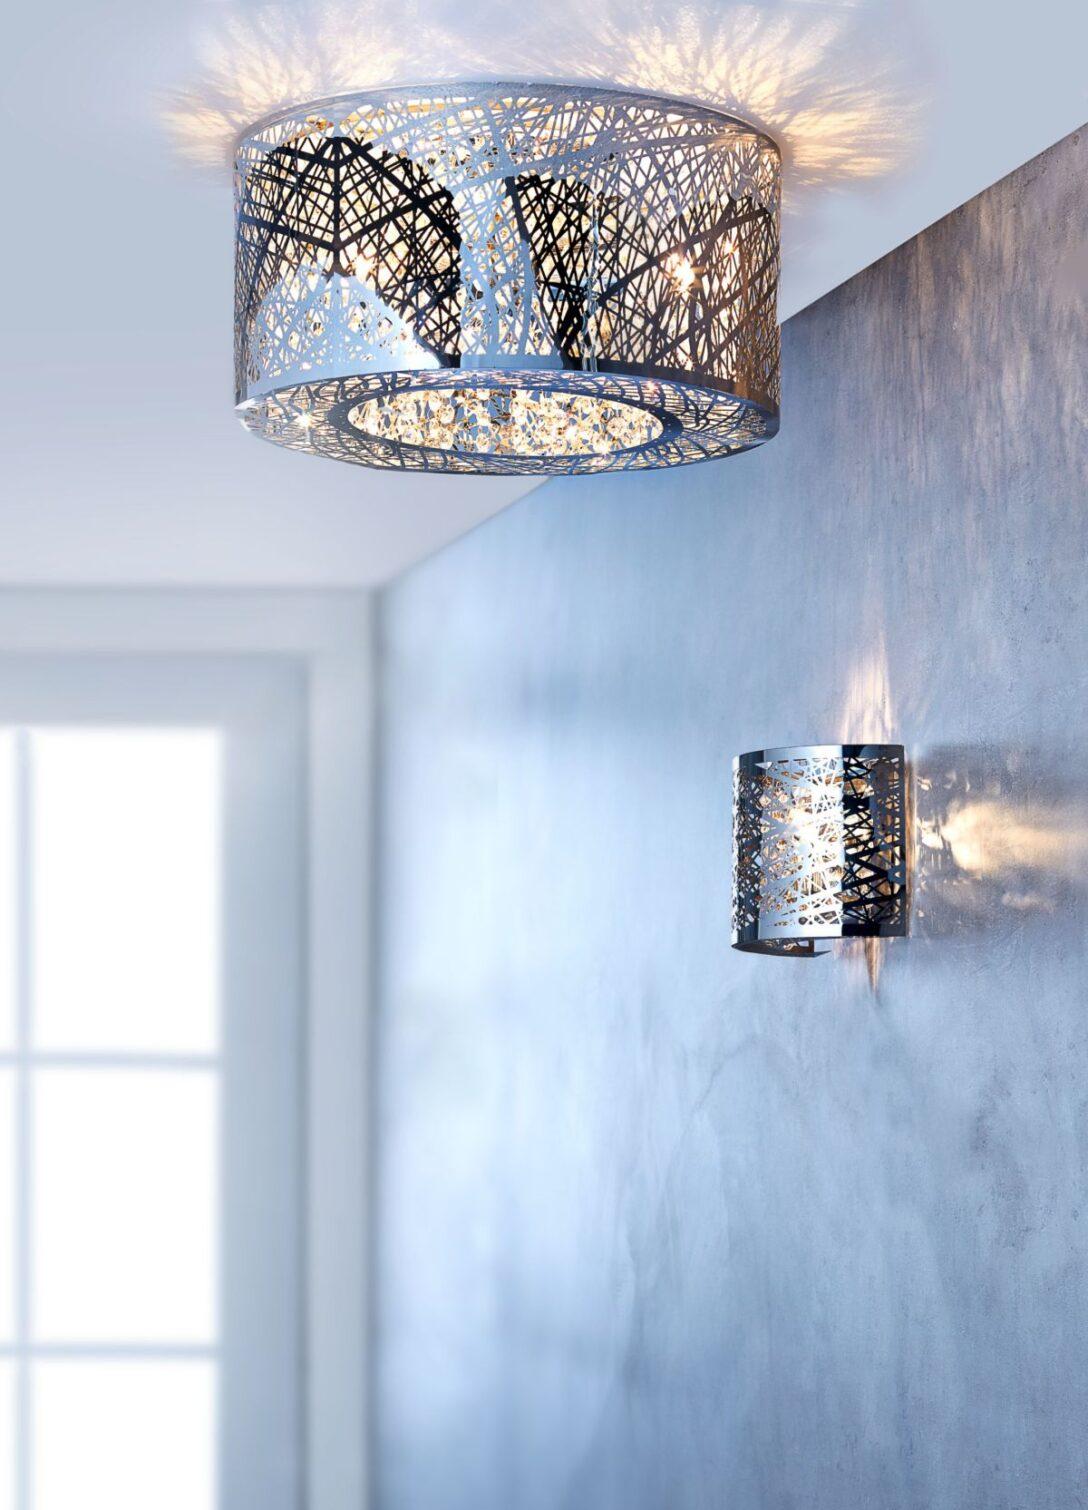 Large Size of Deckenlampe Modern Modernes Bett Wohnzimmer Bad Design Tapete Küche Bilder Deckenlampen Moderne Landhausküche Fürs Holz Schlafzimmer Deckenleuchte Sofa Wohnzimmer Deckenlampe Modern